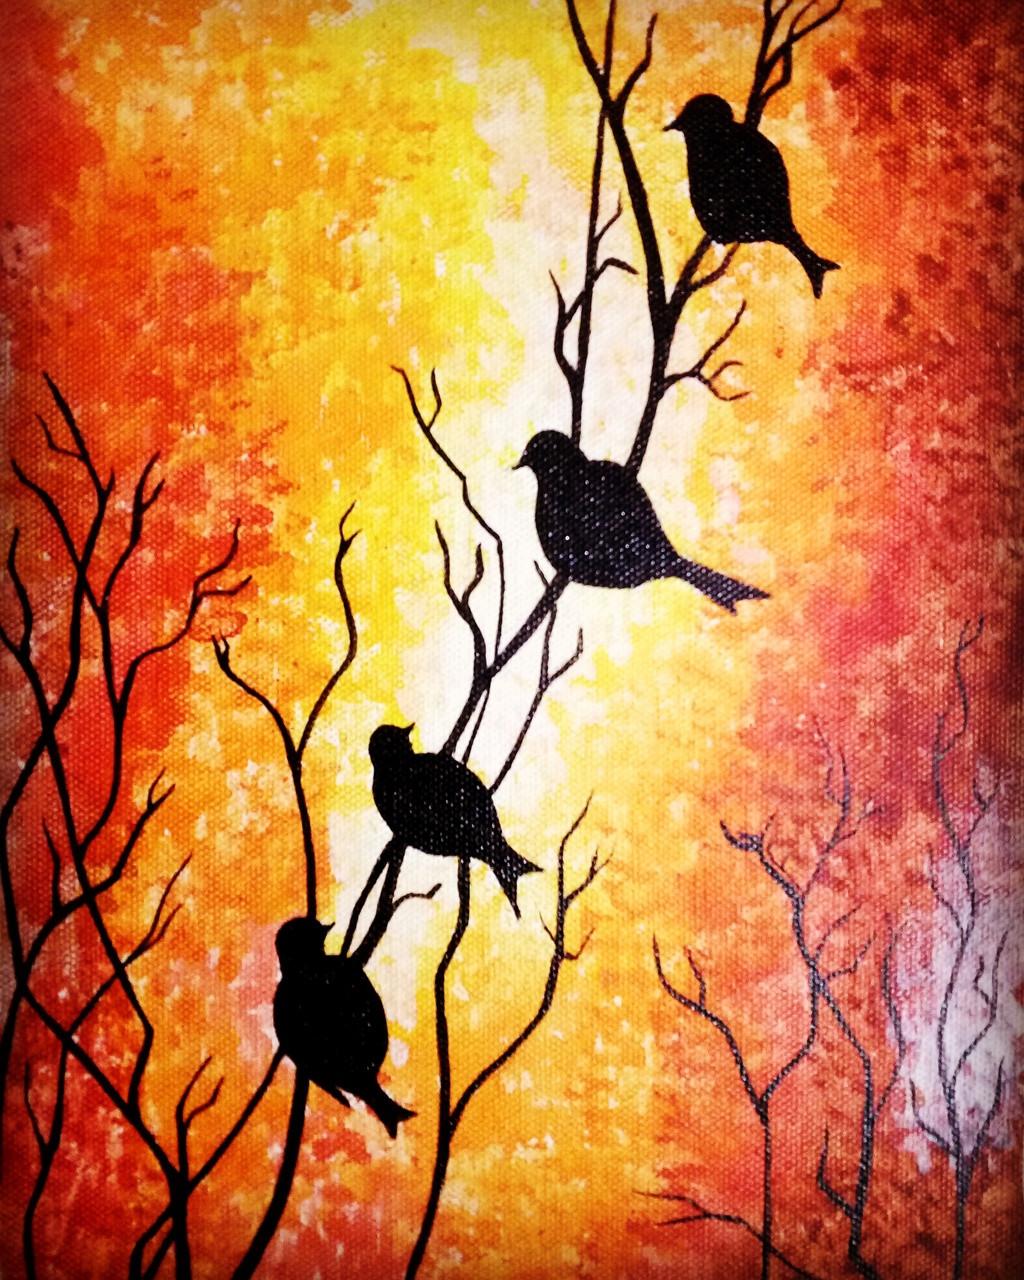 Buy Birds silhouette Handmade Painting by Yashika Tiwari. Code ...